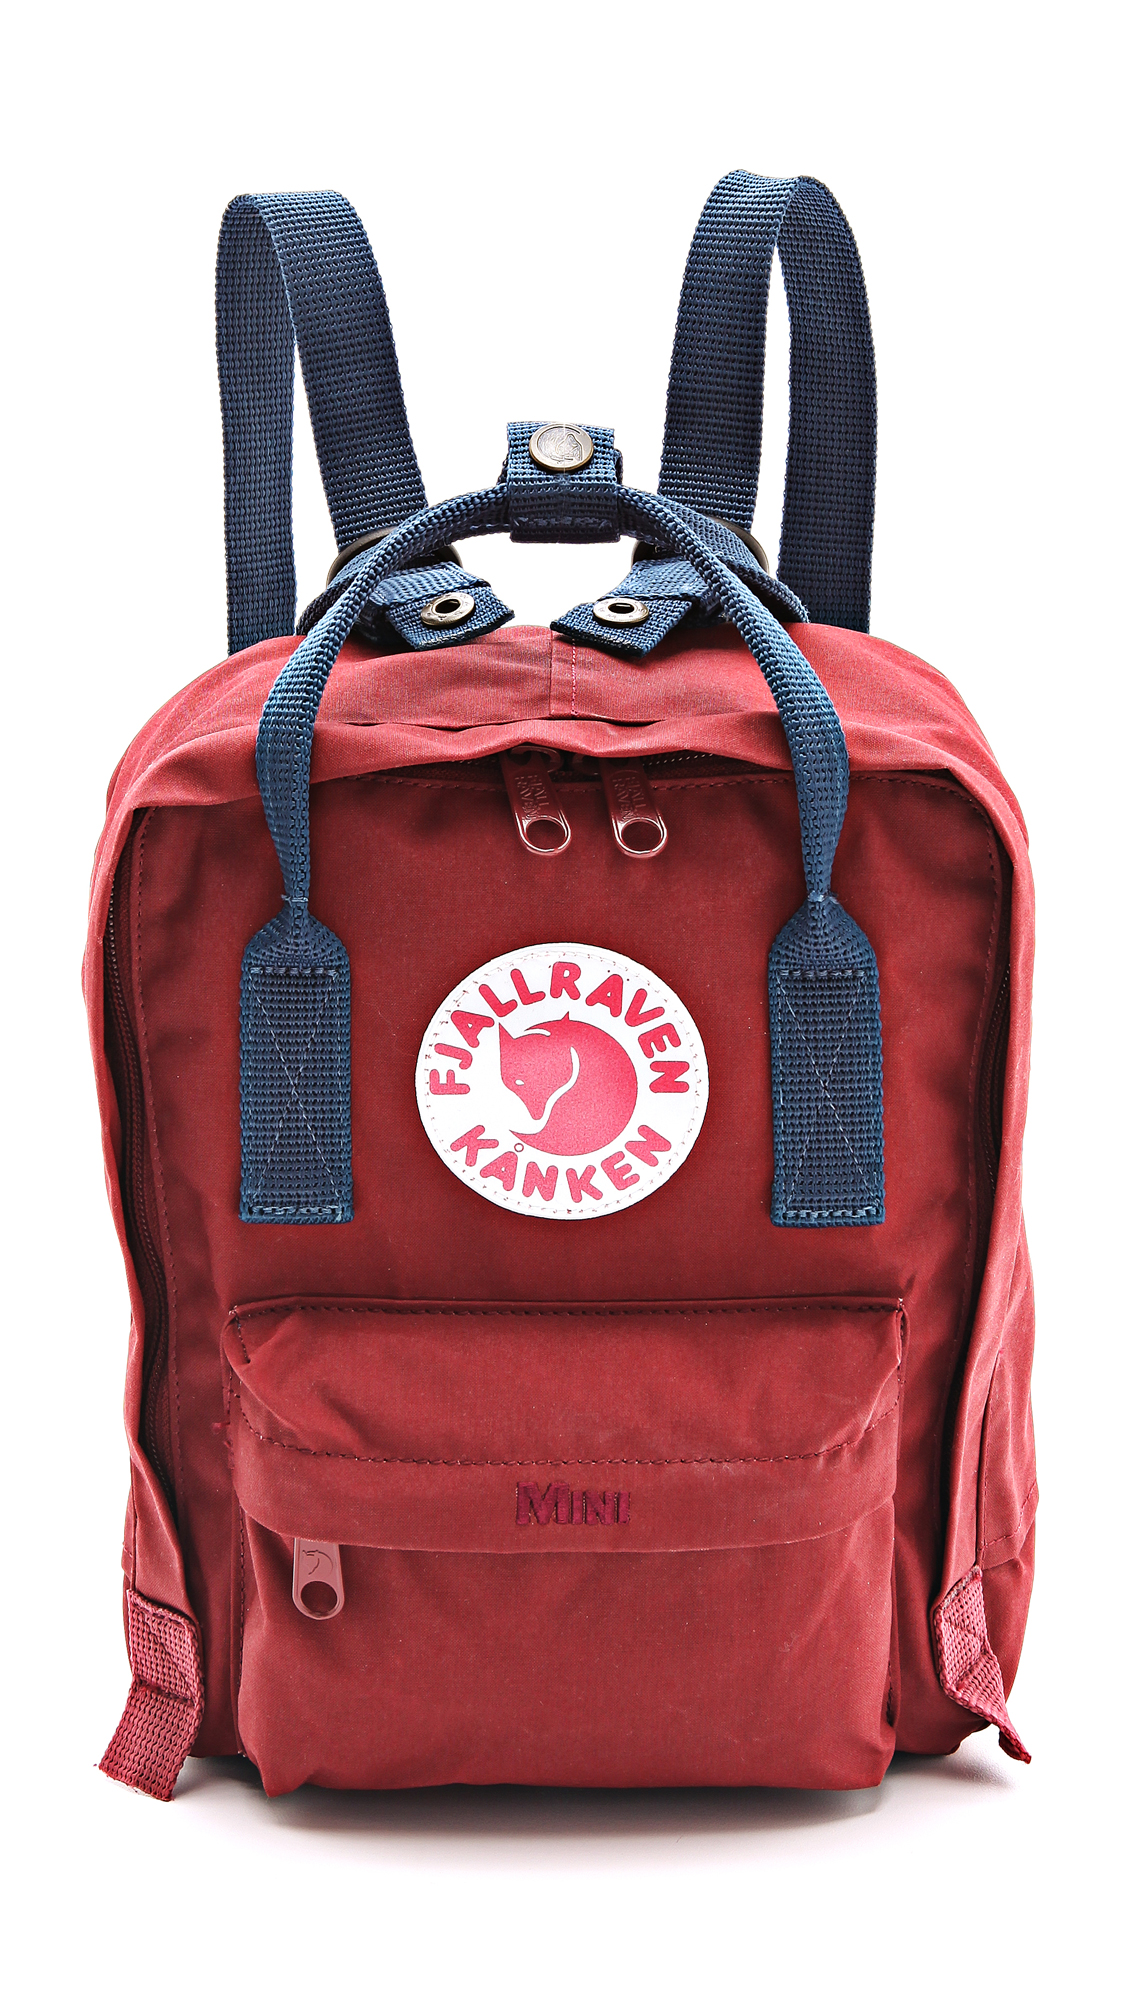 Britse winkel beste prijzen gedetailleerde afbeeldingen How To Adjust Fjallraven Kanken Mini Backpack Straps- Fenix ...